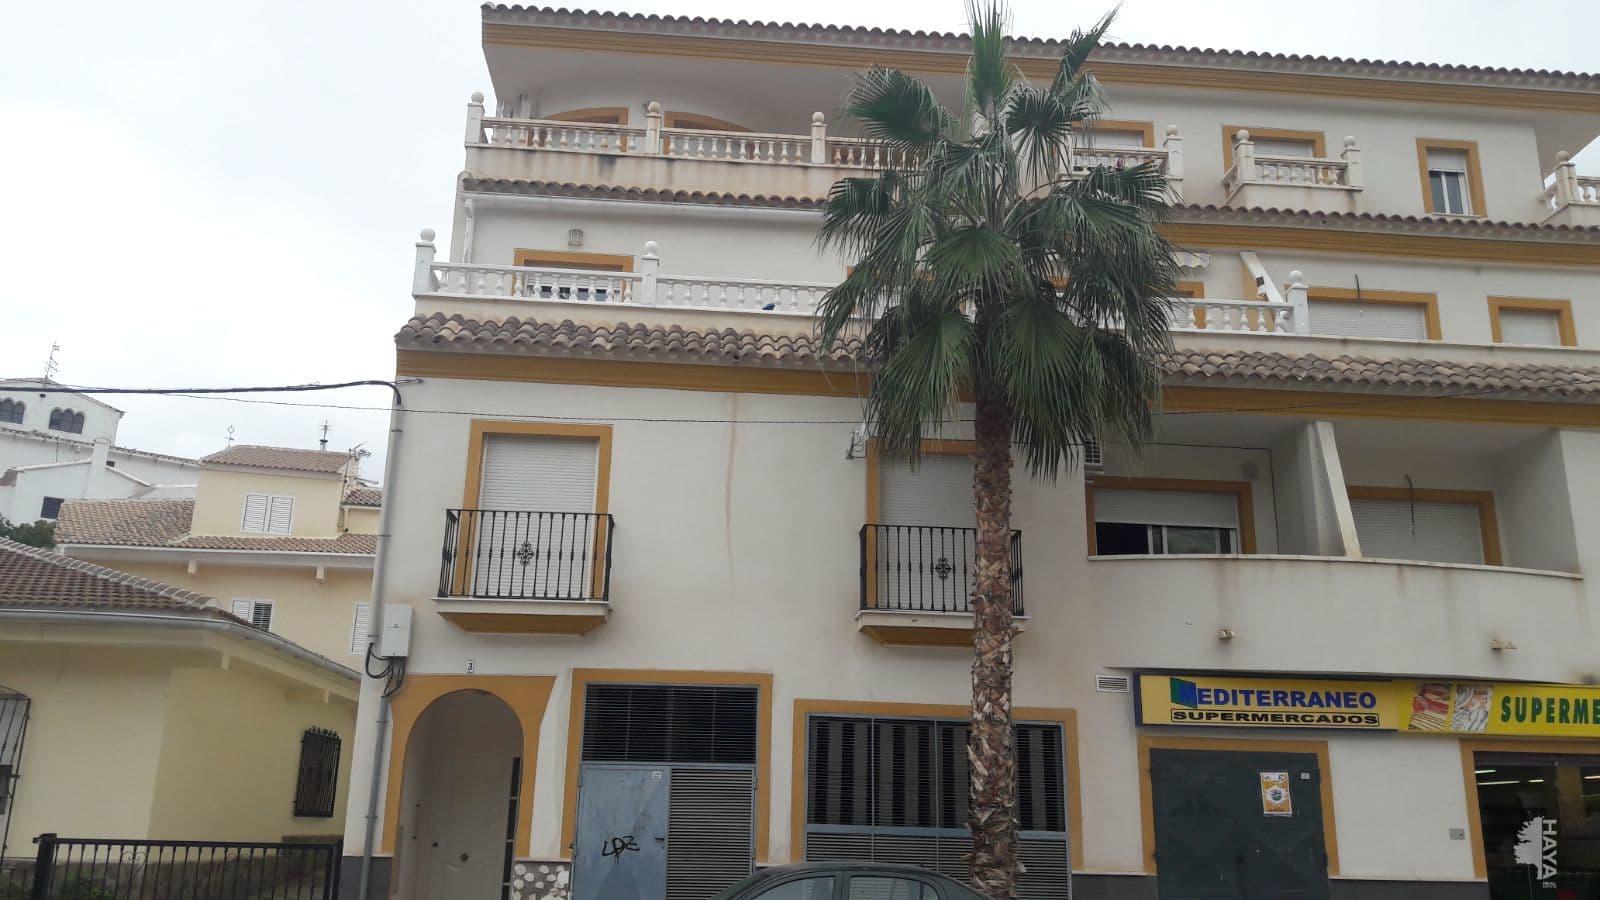 Piso en venta en Zurgena, Almería, Calle 19 de Octubre, 65.500 €, 8 habitaciones, 3 baños, 110 m2